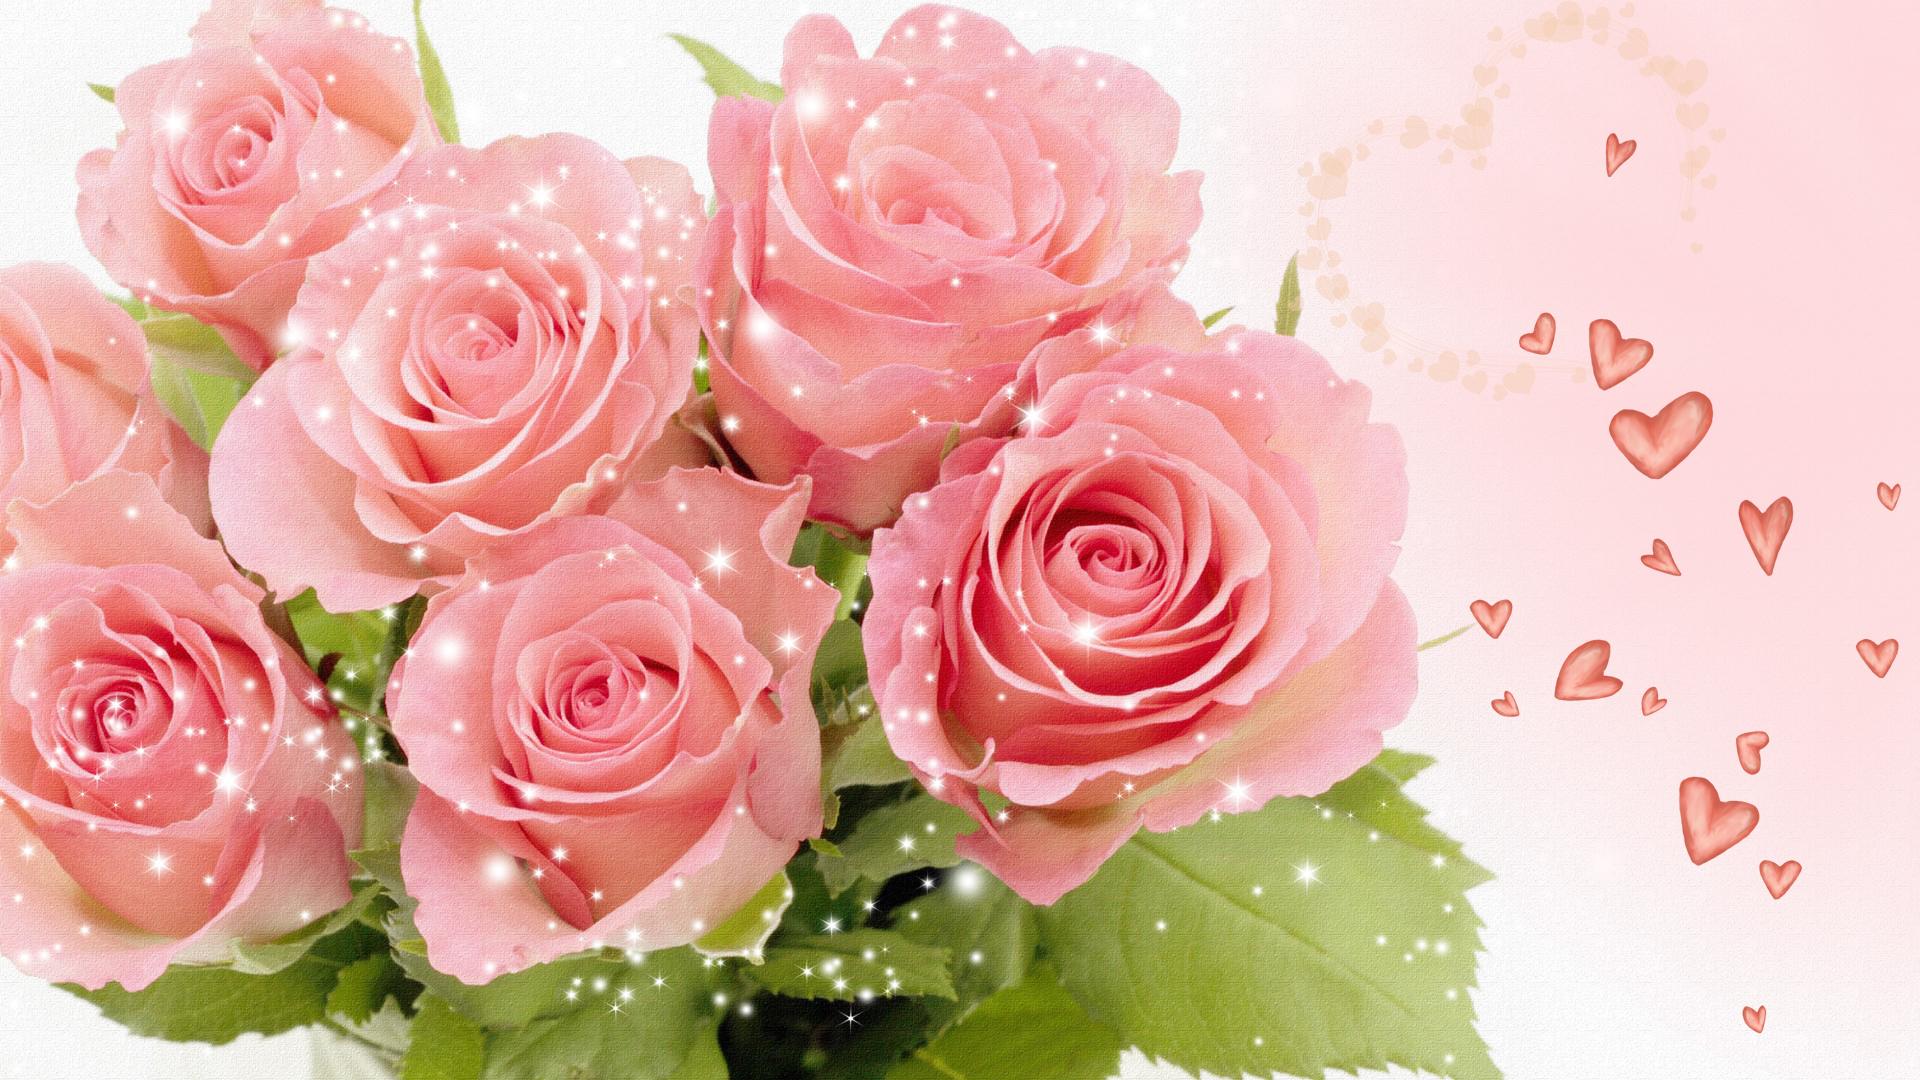 Кустодиева, открытки с днем рождения мамы с цветами роз